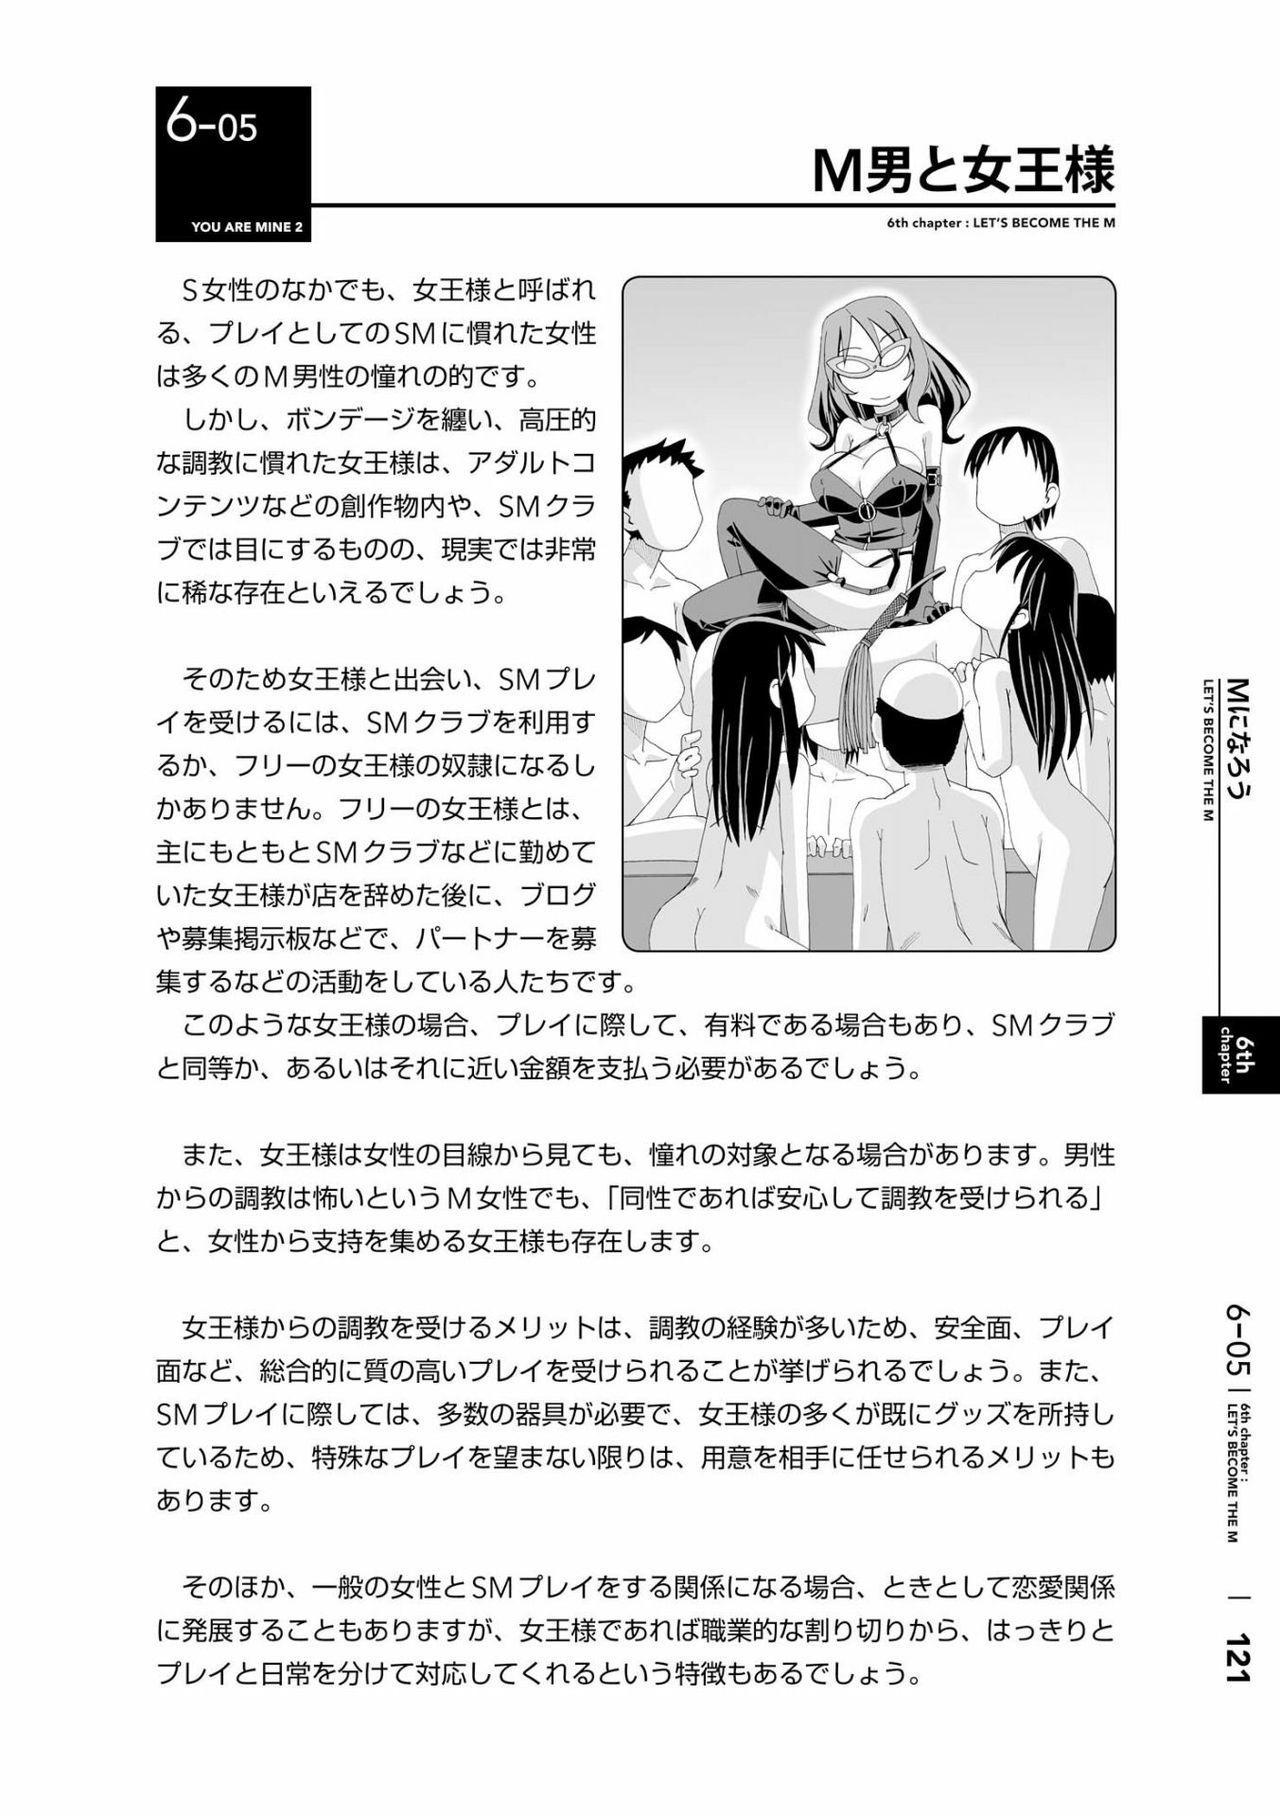 [Mitsuba] Karada mo Kokoro mo Boku no Mono ~Hajimete no SM Guide~ 2 [Digital] 123